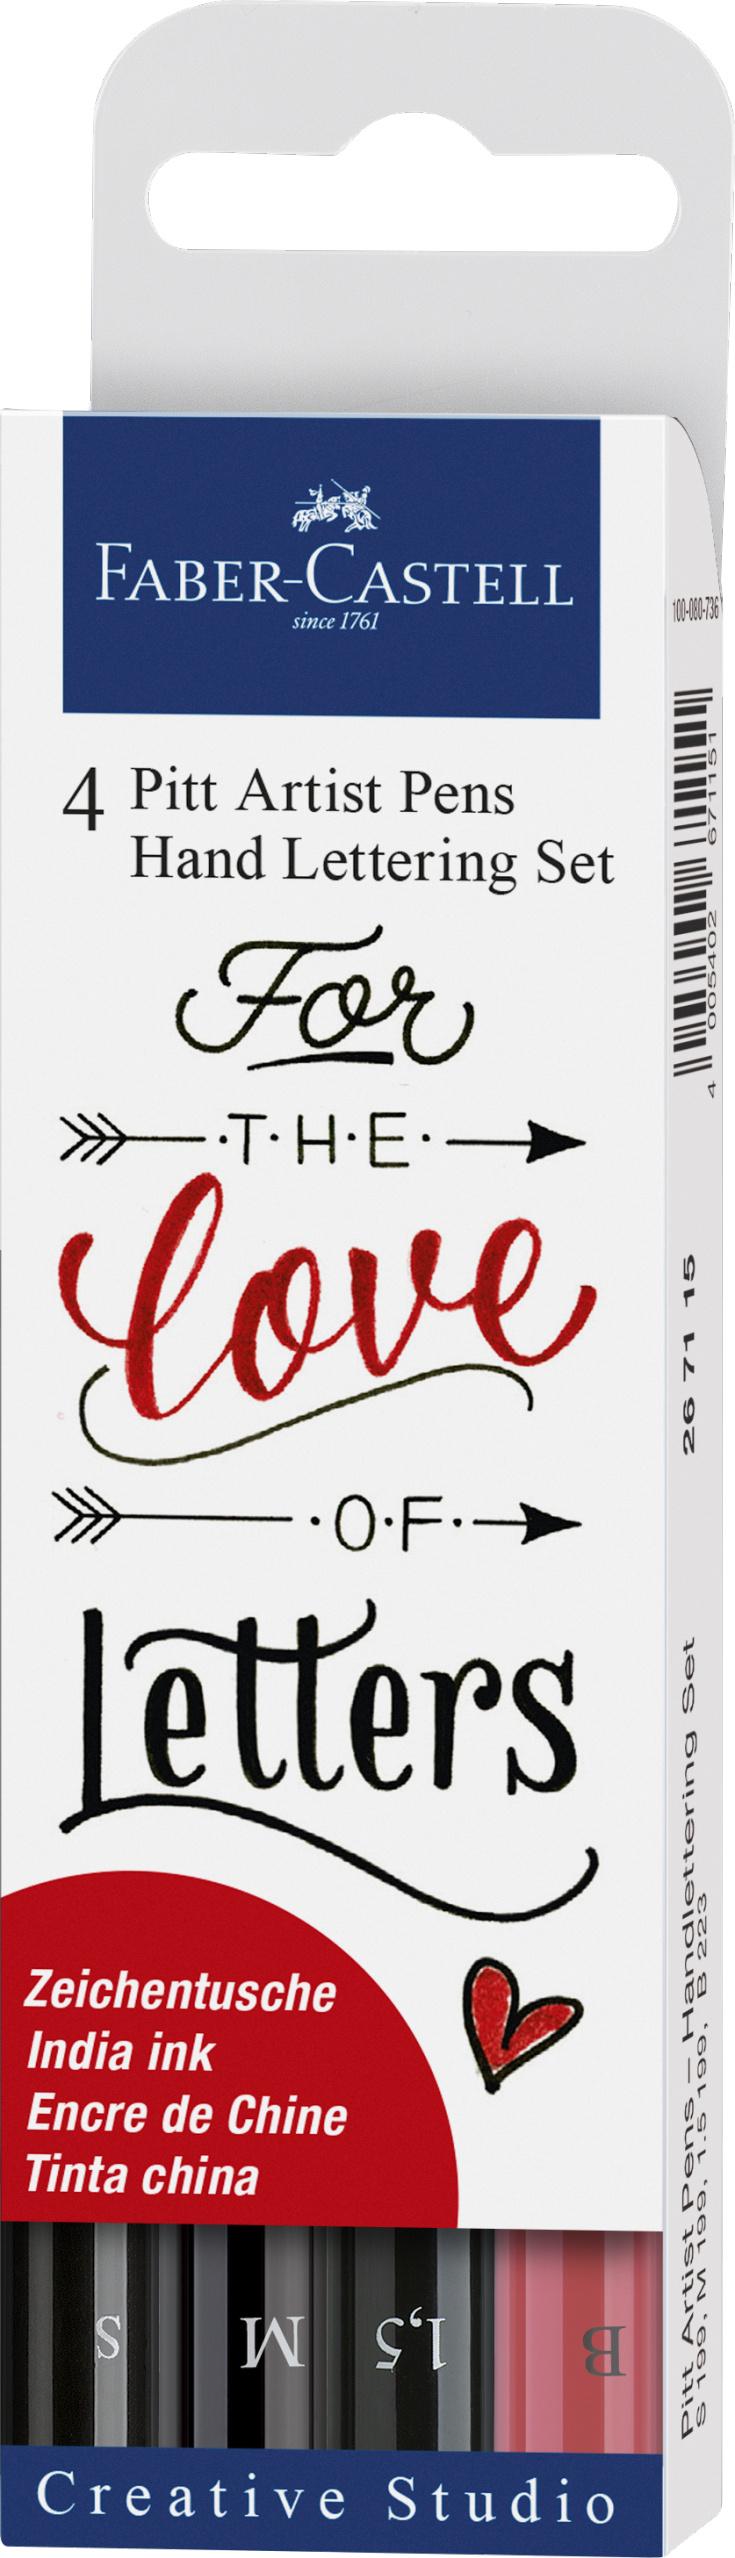 Farber-Castell Pitt Artist Pen Handlettering 4er Etui #Lettering